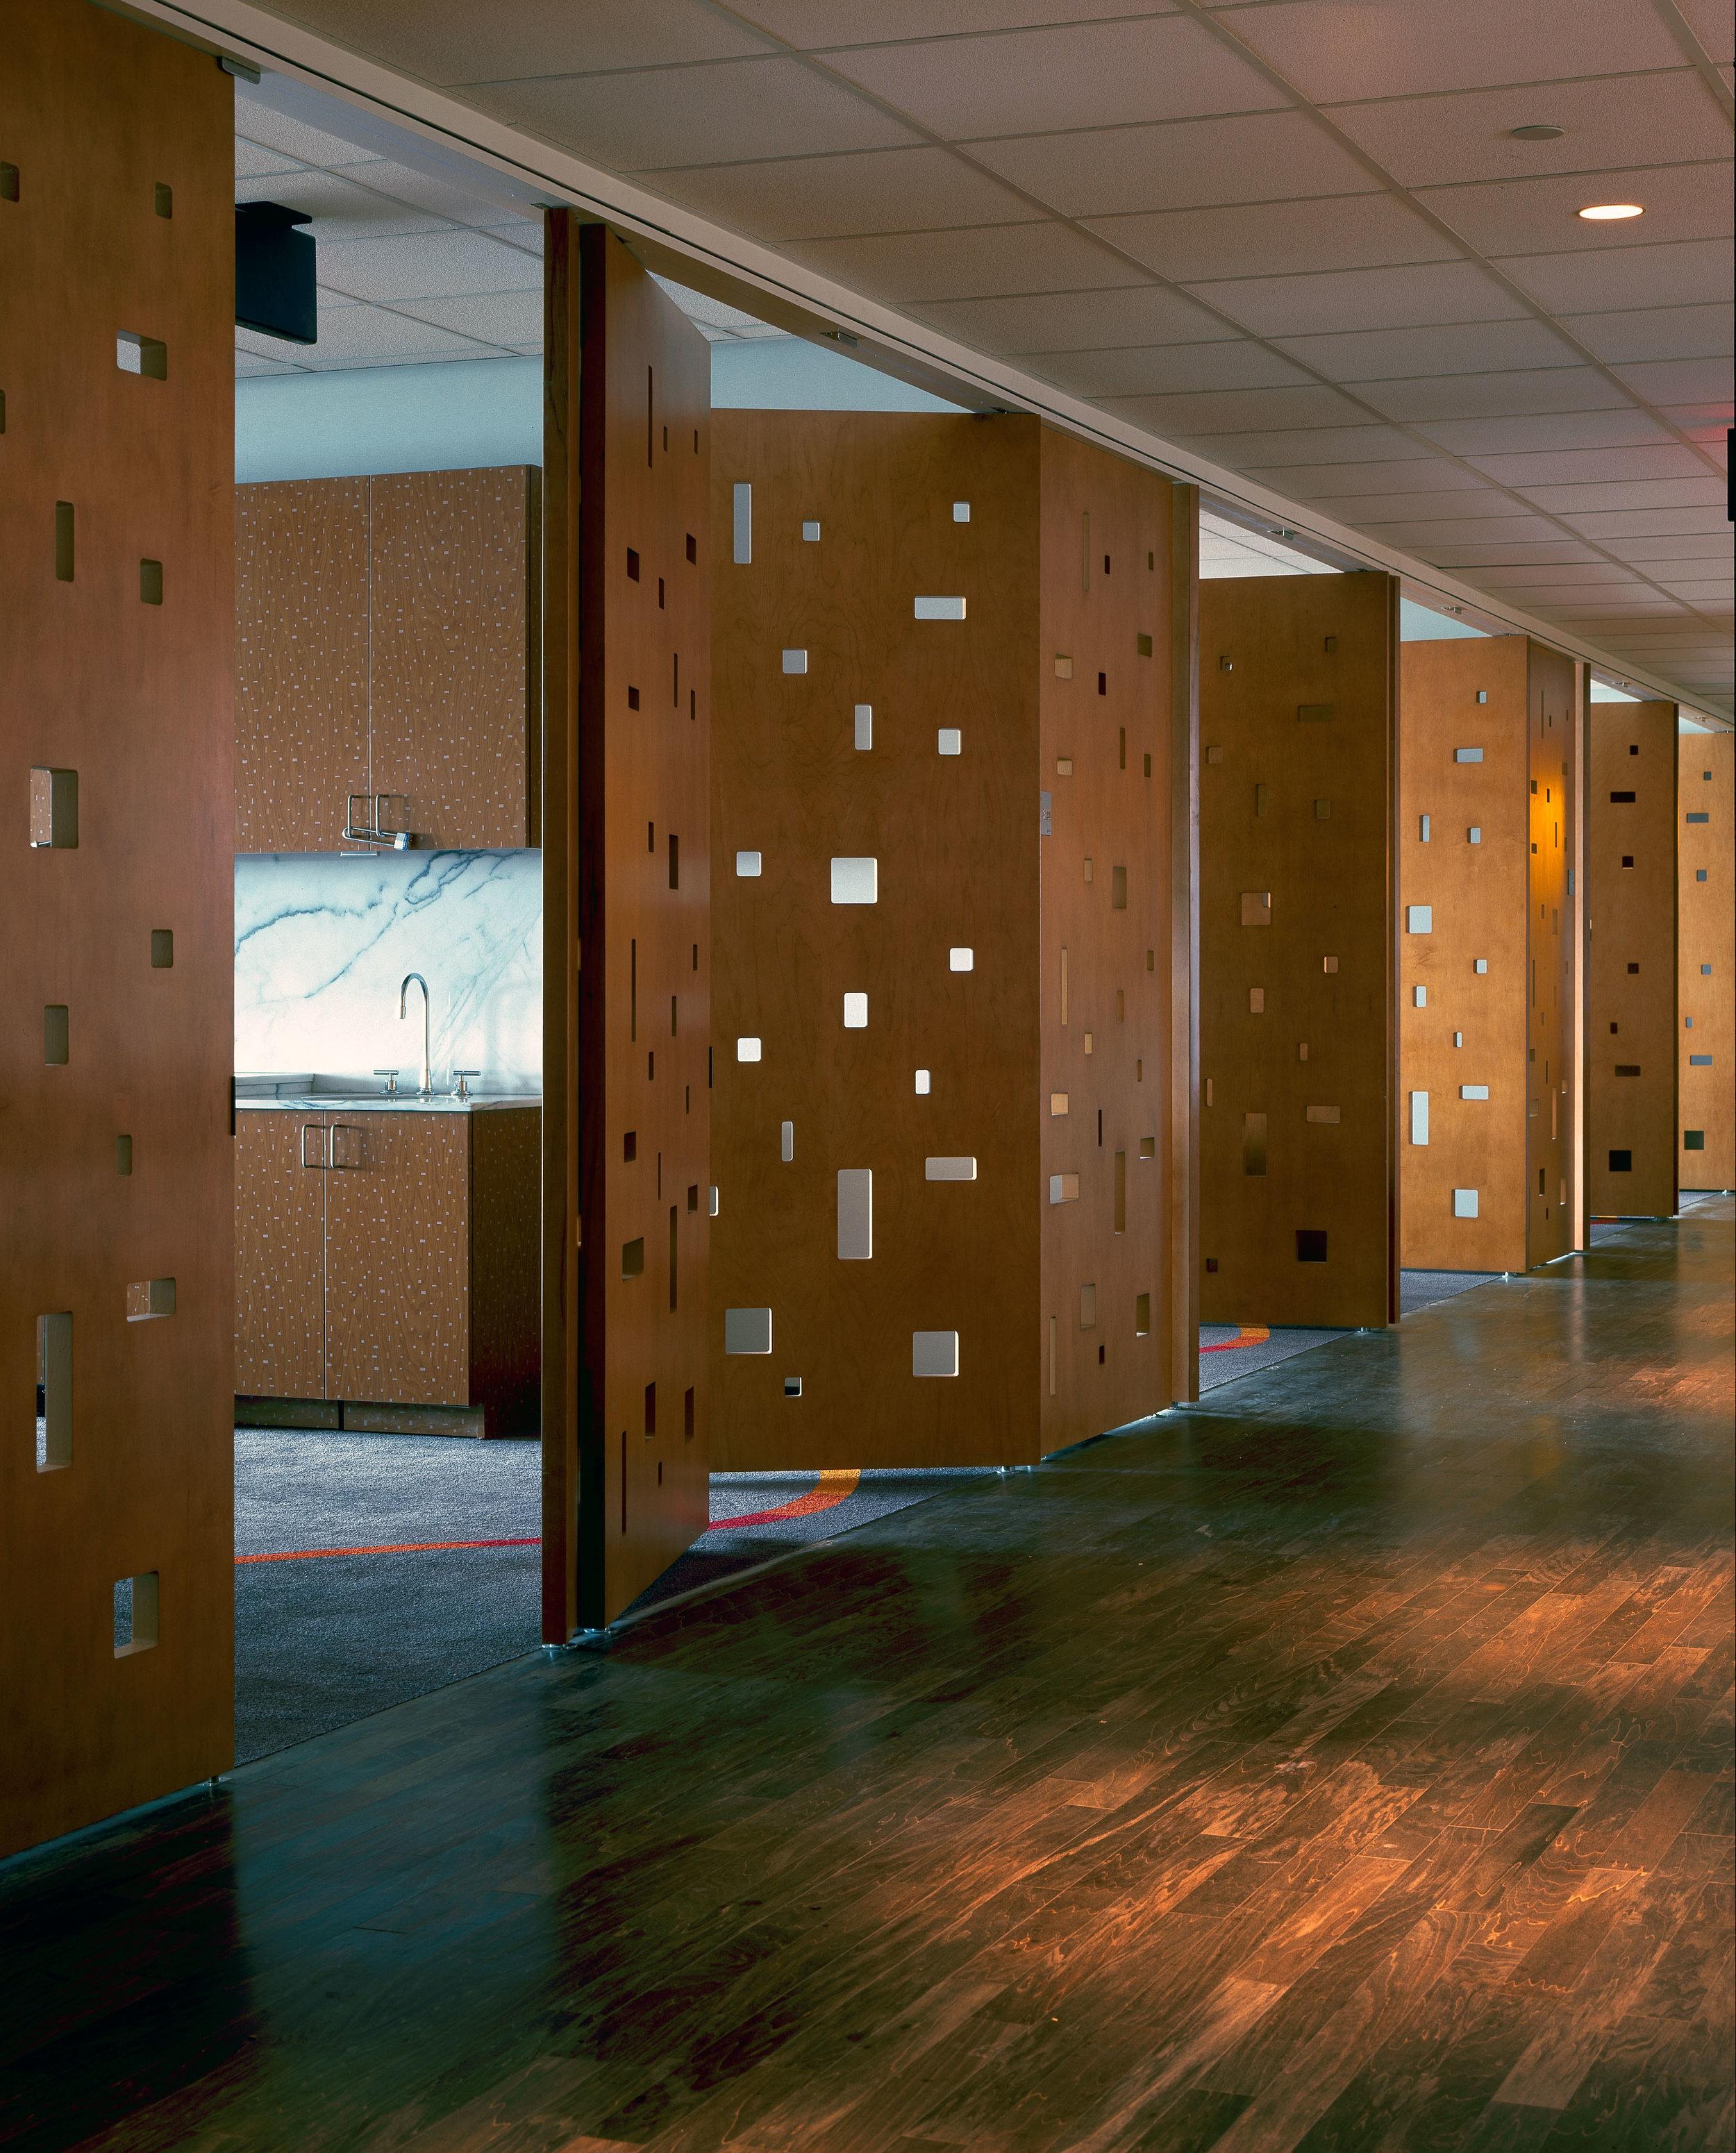 carpet page pic 02 - wood floors.jpg